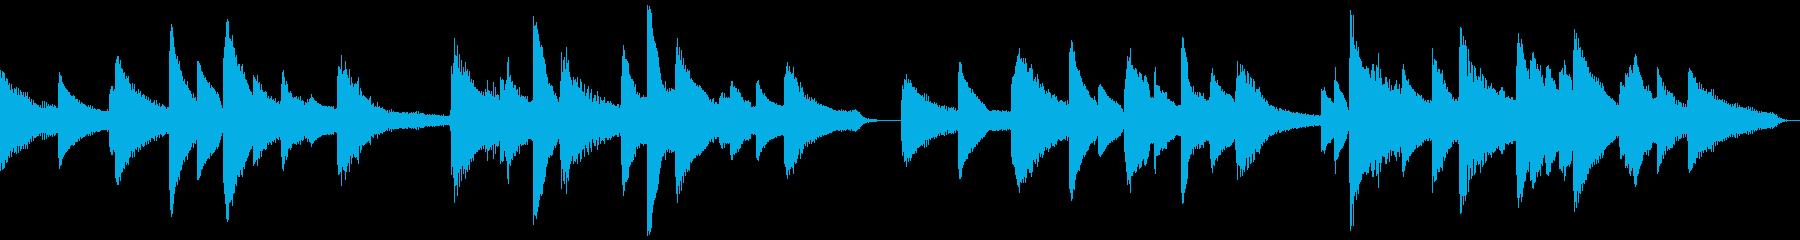 満月をイメージした和風ピアノ曲:ループの再生済みの波形